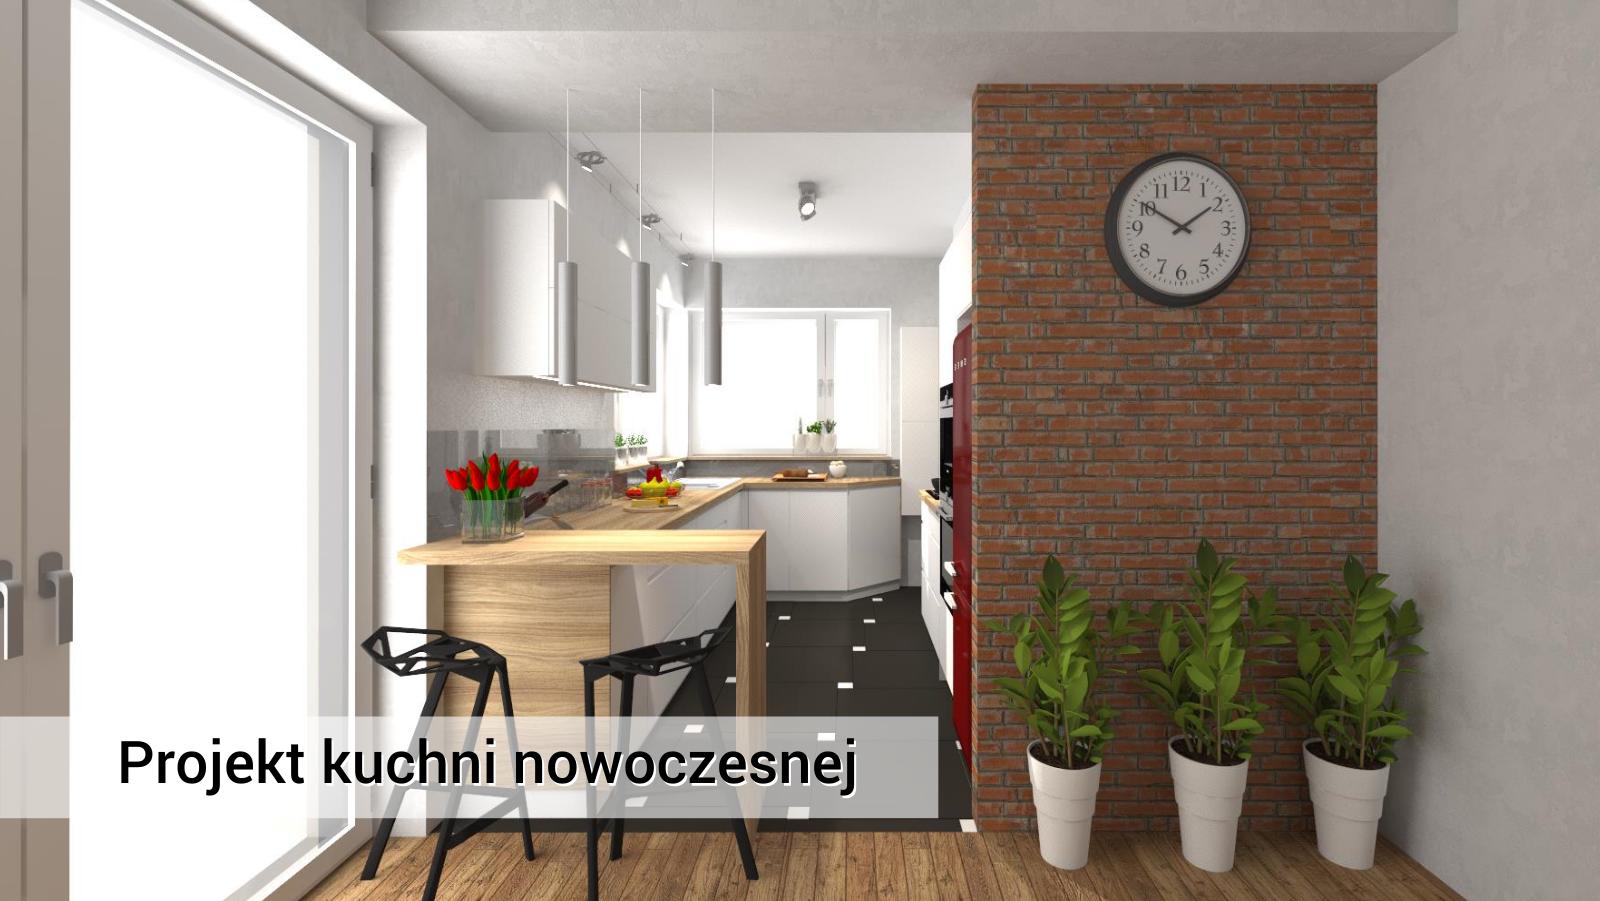 Kuchnia | Pruszków | Kuchnia Nowoczesna | Kuchnia biała z mdf-u